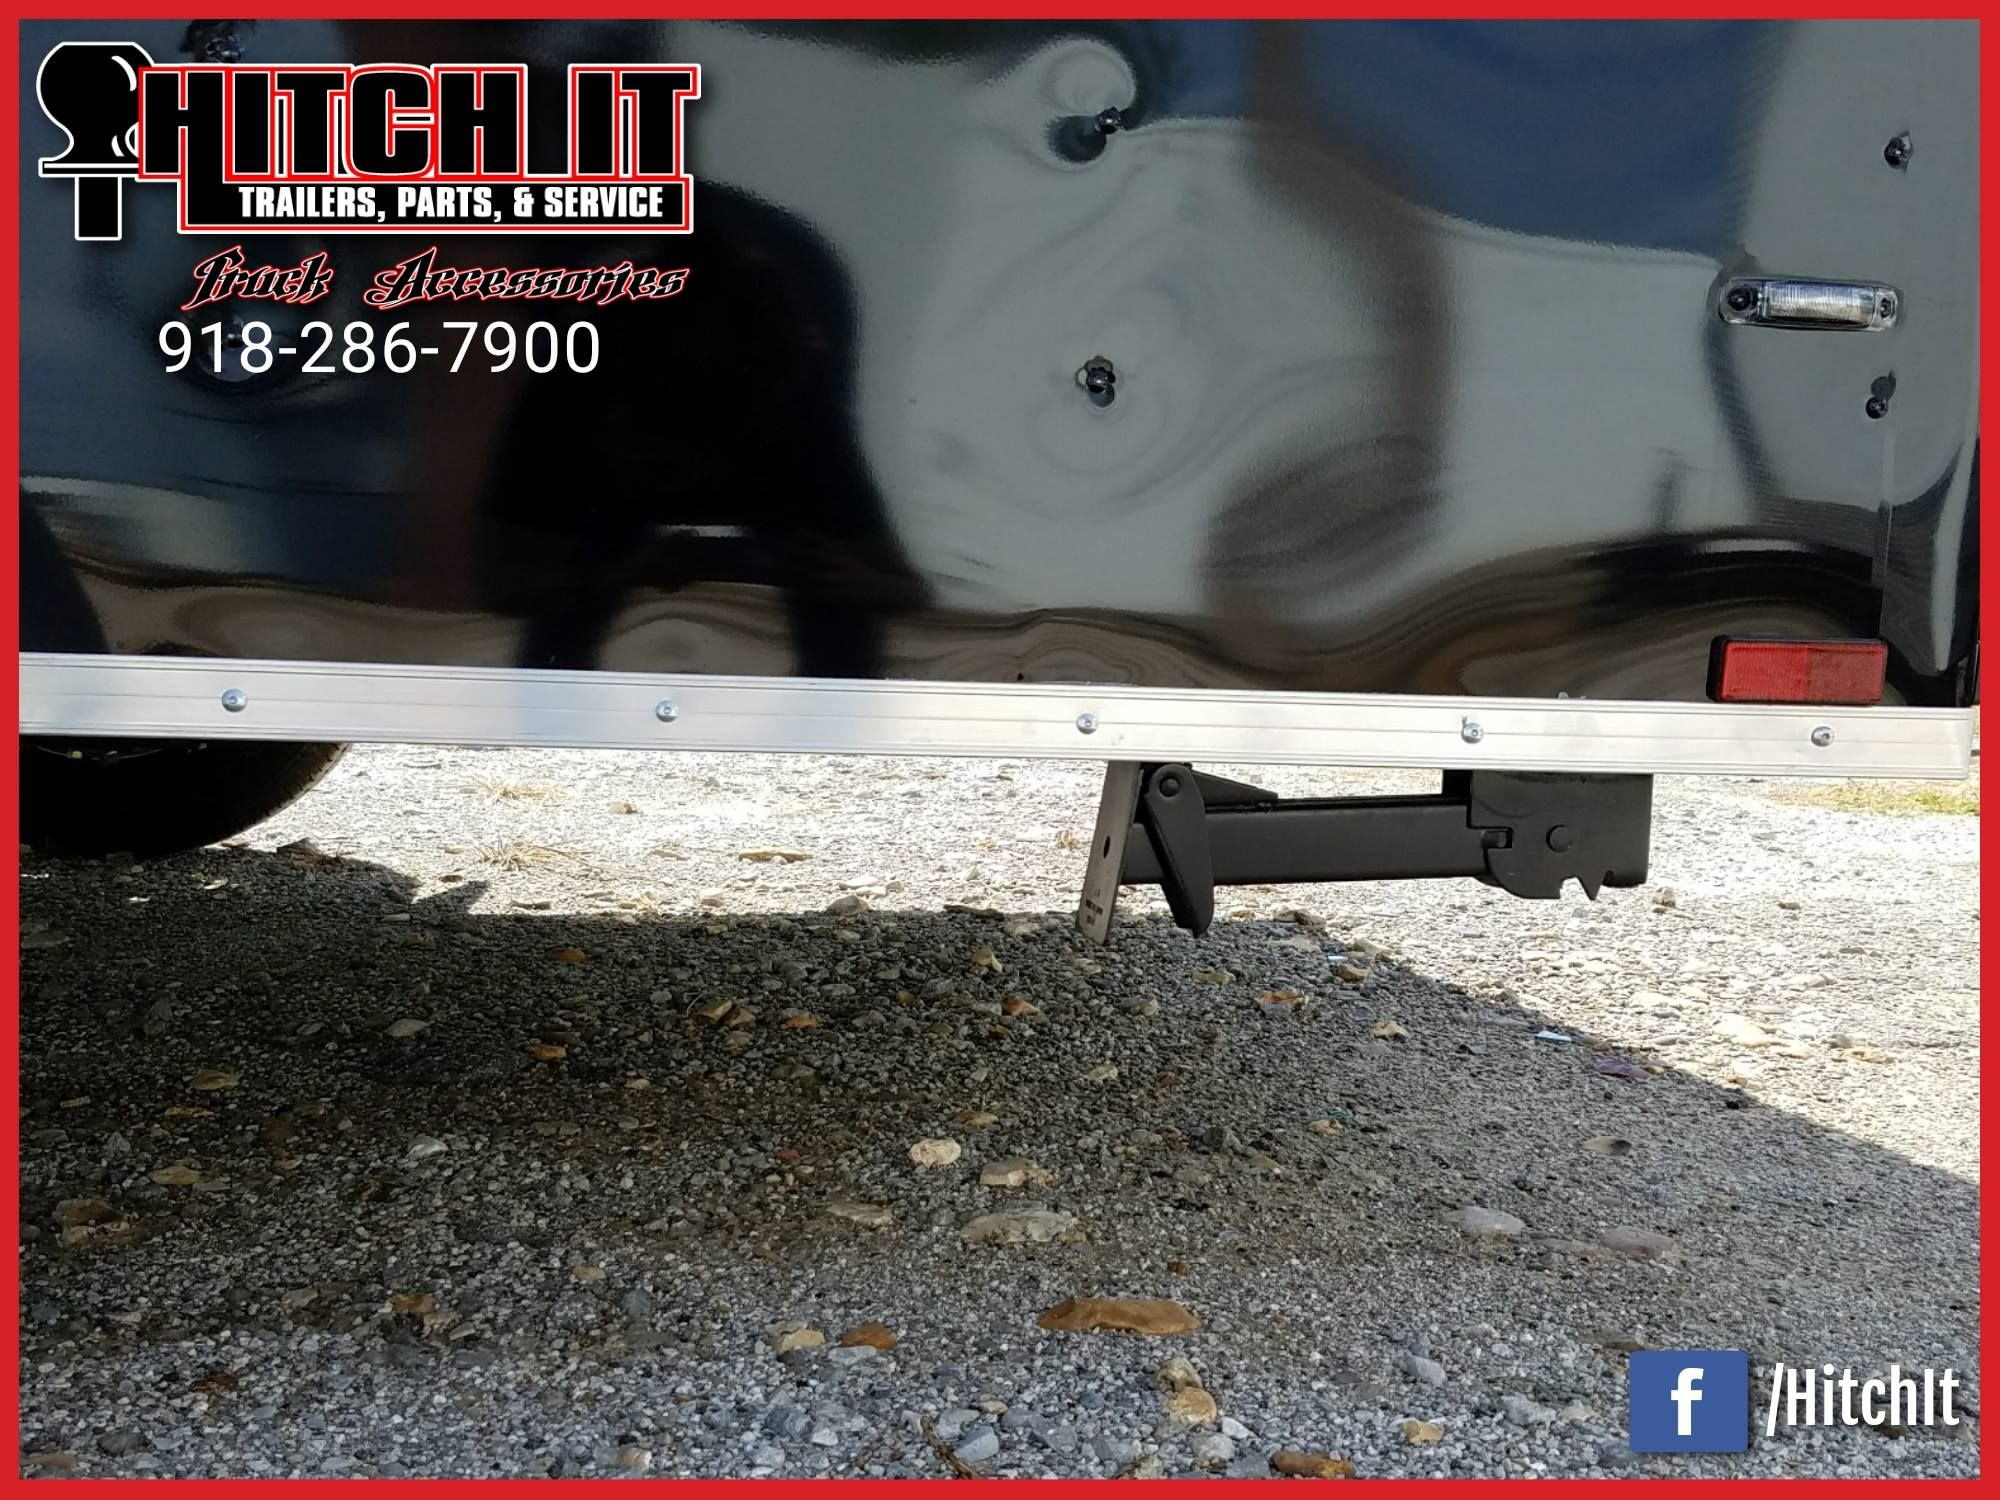 Hitch It Trailers Sales Parts Service Truck Accessories 5866 S 107th E Avenue Tulsa Oklahoma 74146 Utility Trailer Landscape Trailers Trailers For Sale